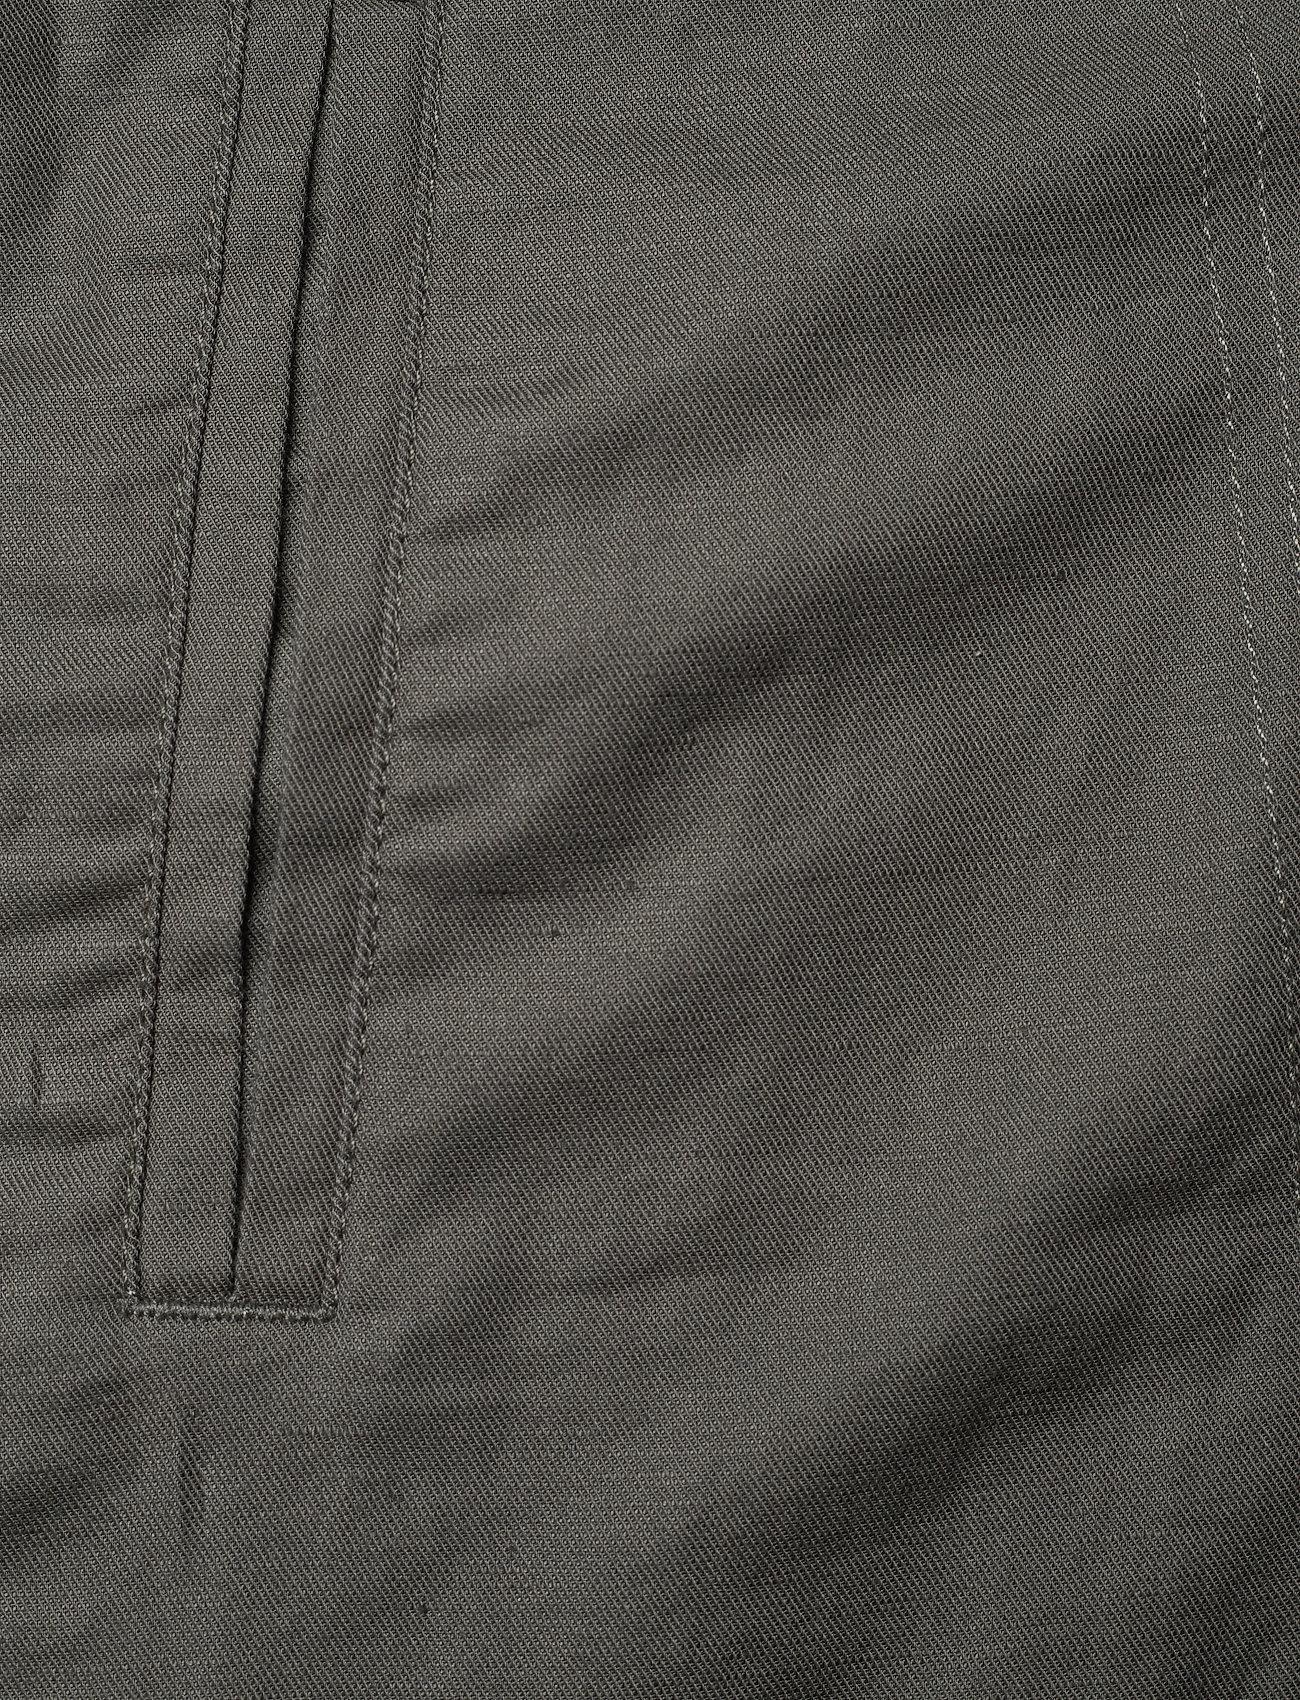 Marc O'Polo Overall, regular fit, uitility styl - Kombinezony CLEAR FERN - Kobiety Odzież.